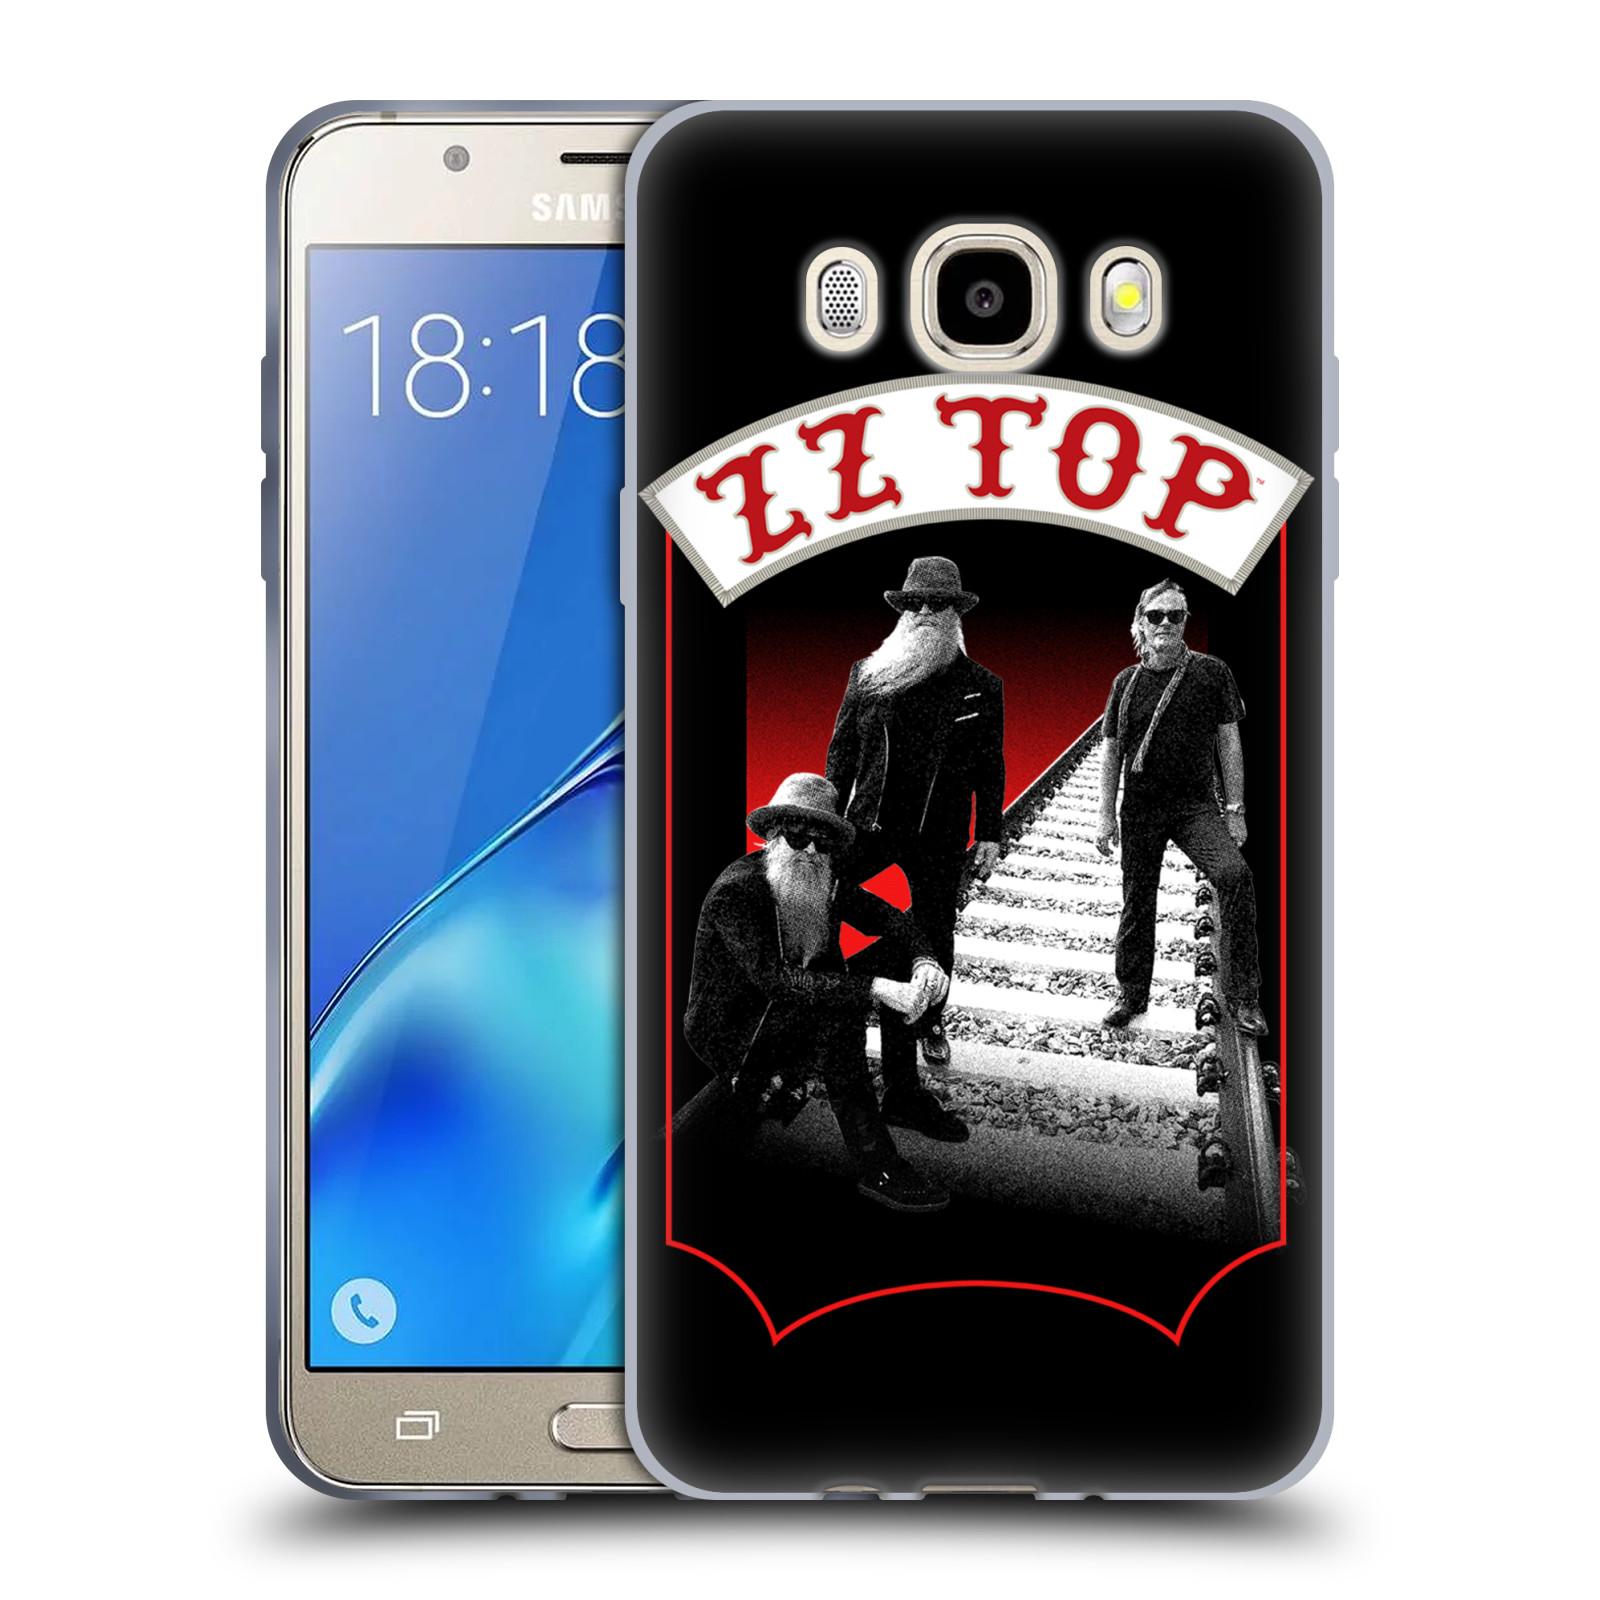 HEAD CASE silikonový obal na mobil Samsung Galaxy J5 2016 (J510) ZZ Top koleje zpěváci